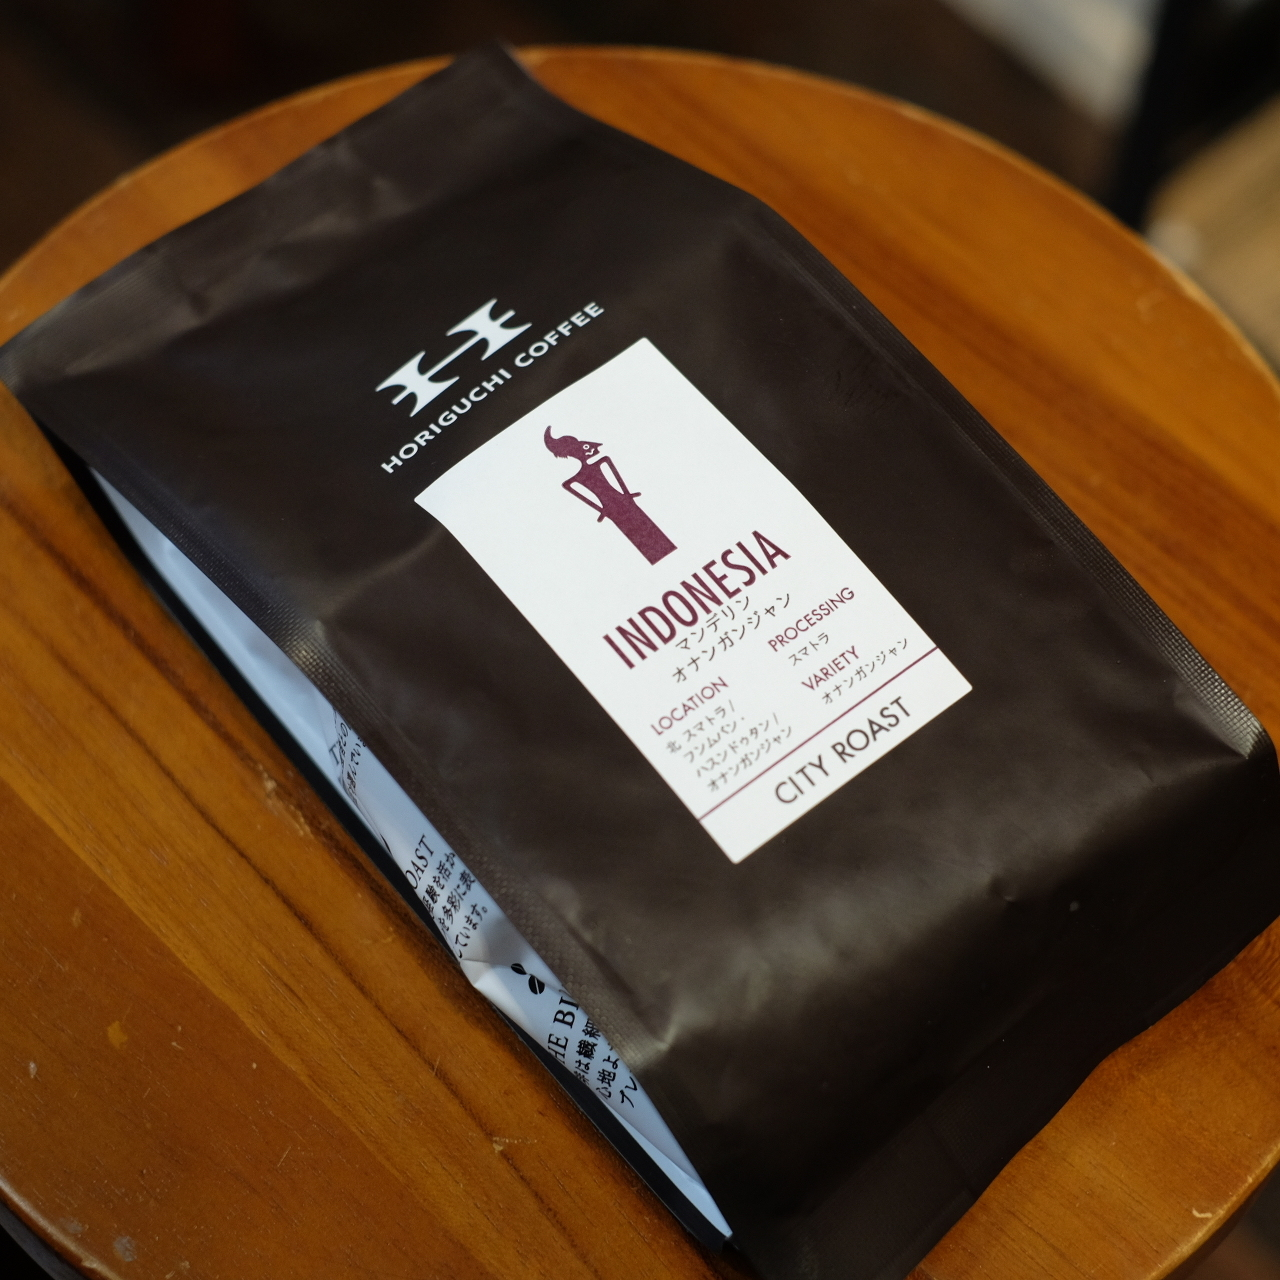 インドネシア マンデリン・オナンガンジャン シティロースト 200g コーヒー豆(堀口珈琲)